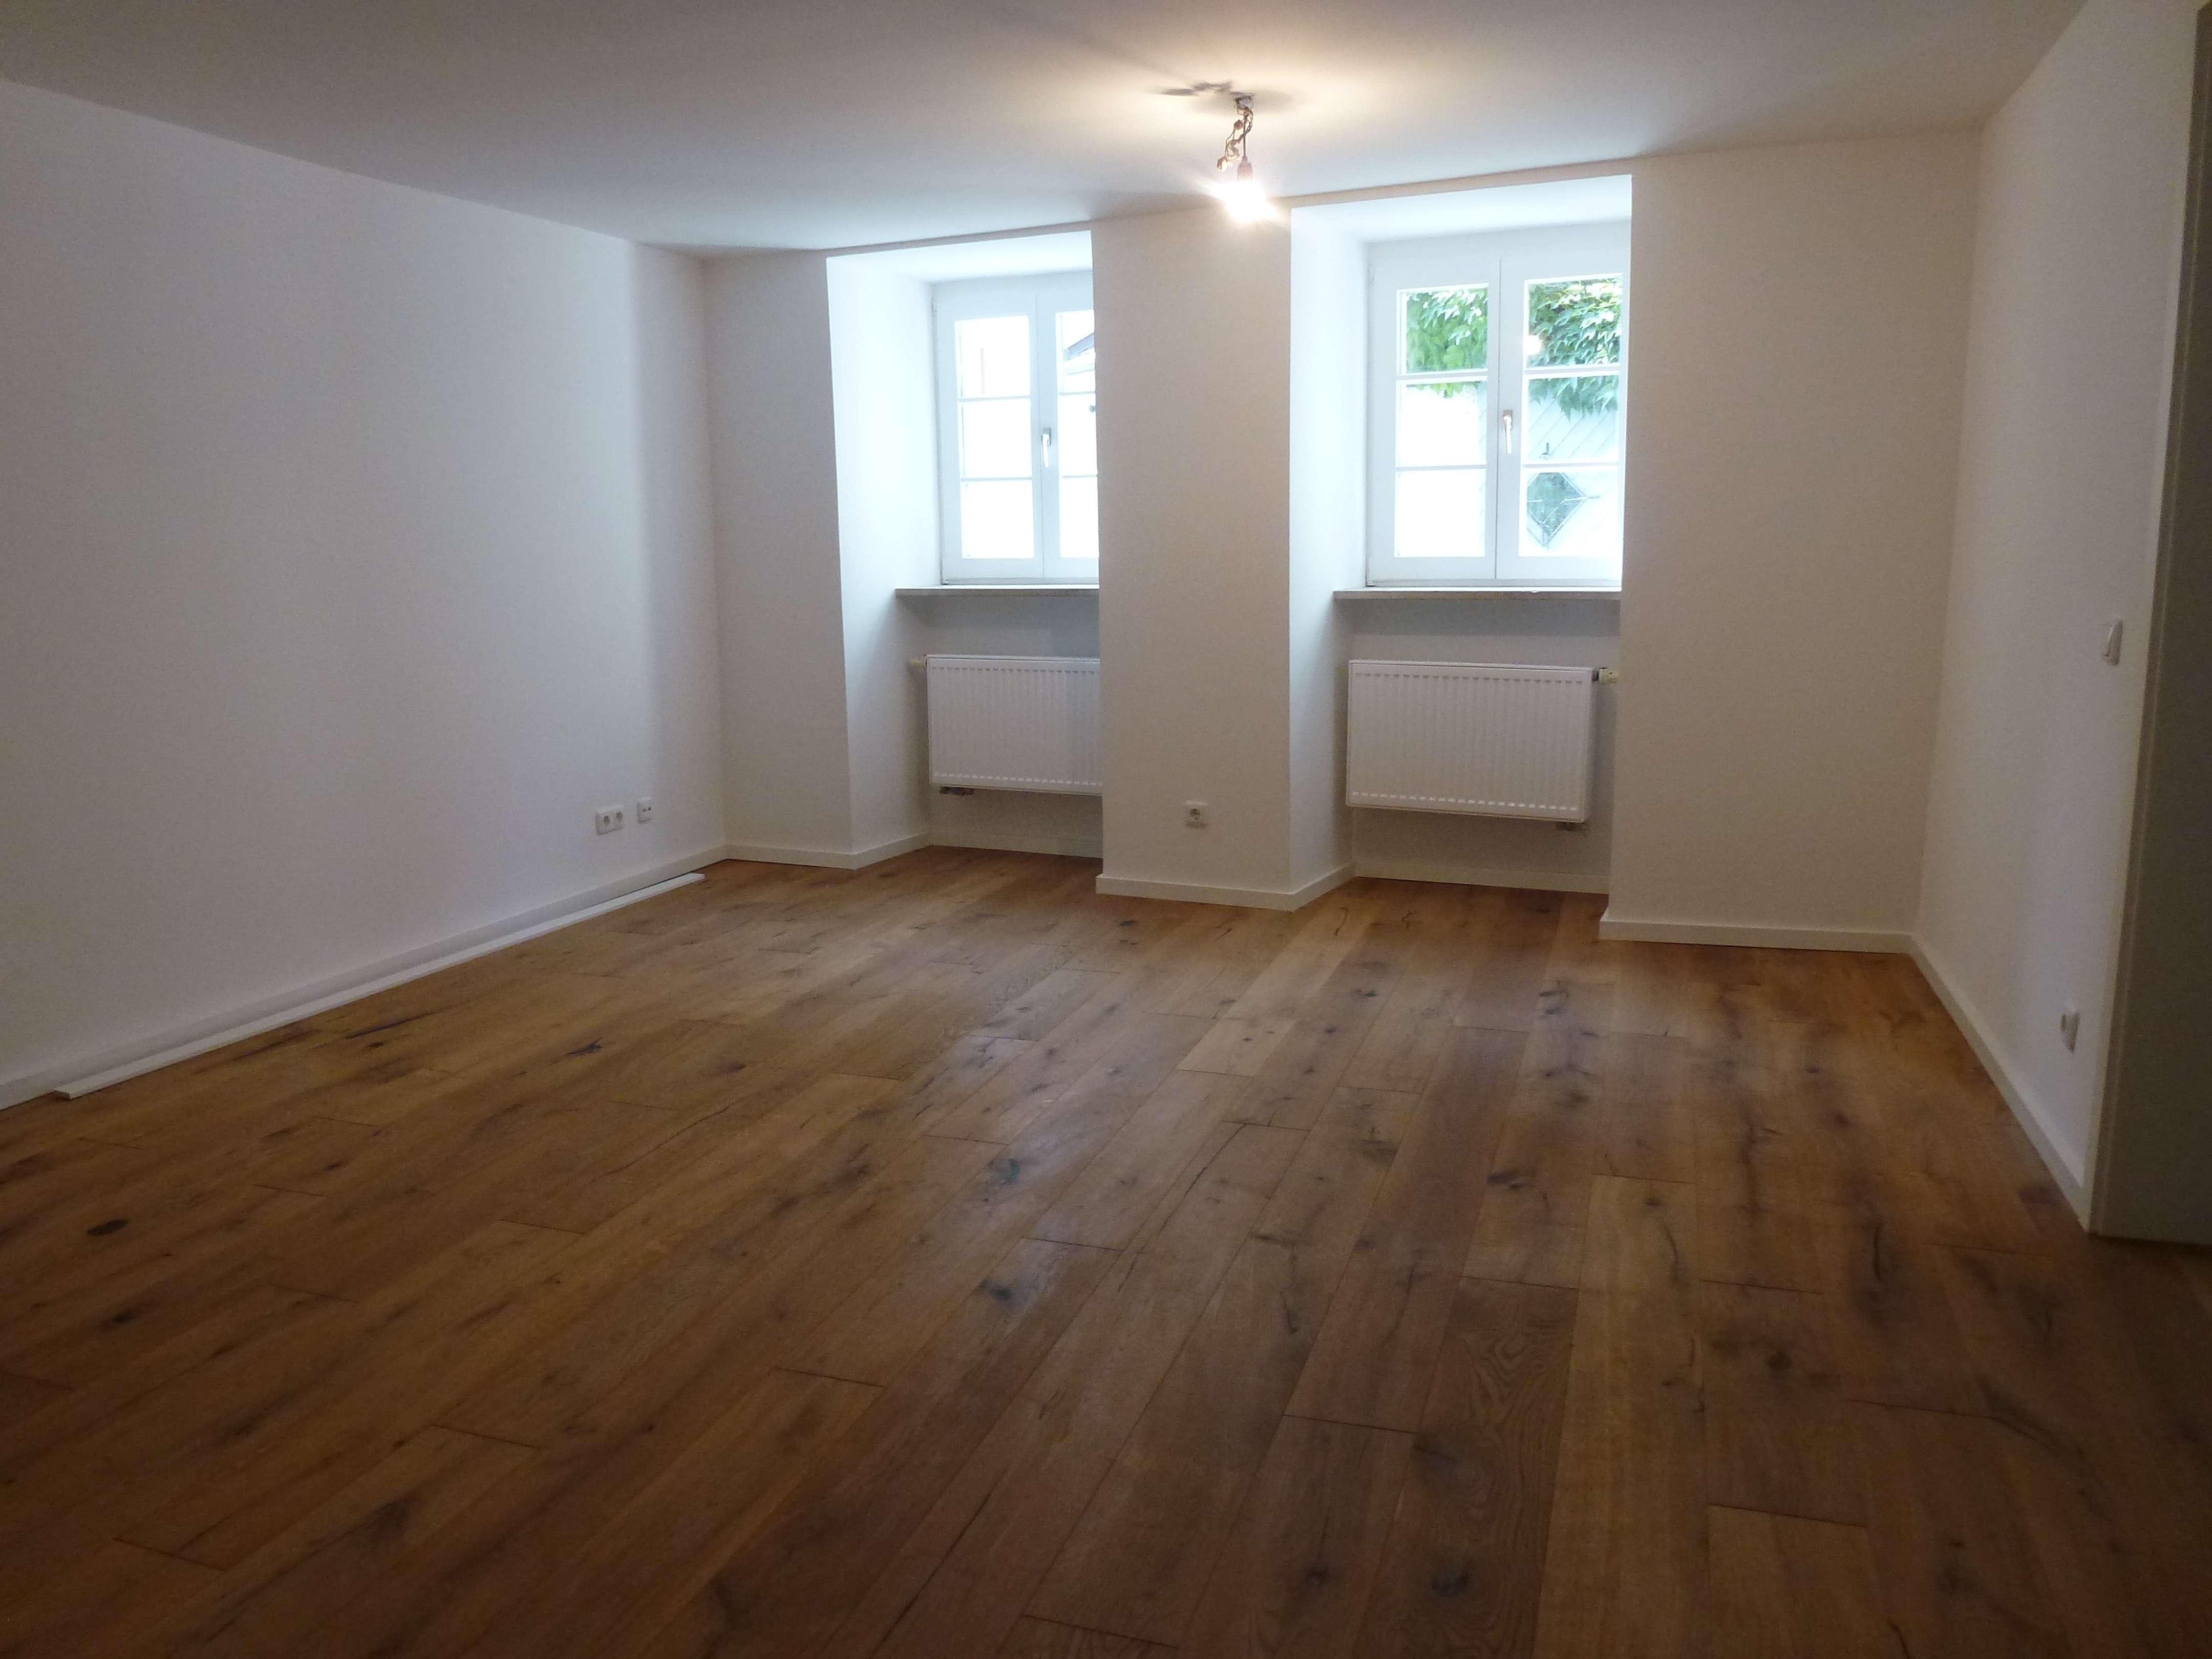 Schicke 2-Zimmer Wohnung in bester Altstadtlage / Donaunähe in